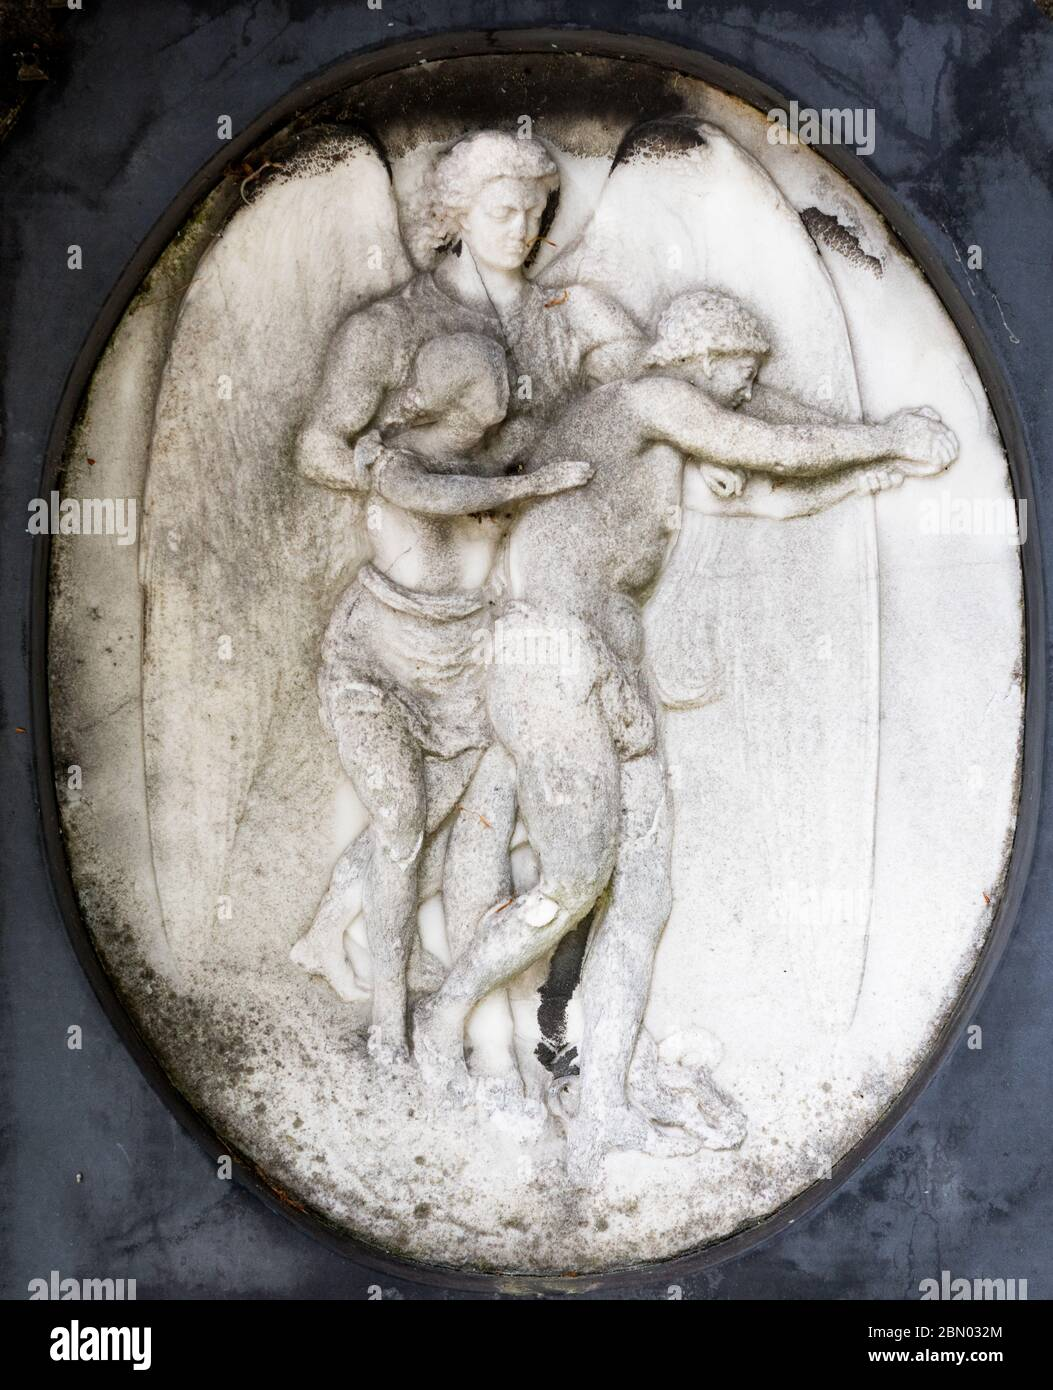 """Bas-Relief von zwei Figuren auf einem Grab in Brompton Cemetery, Kensington, London eingeschnitten; einer der """"Magnificent Seven"""" London Friedhöfe, erbaut 1840 Stockfoto"""